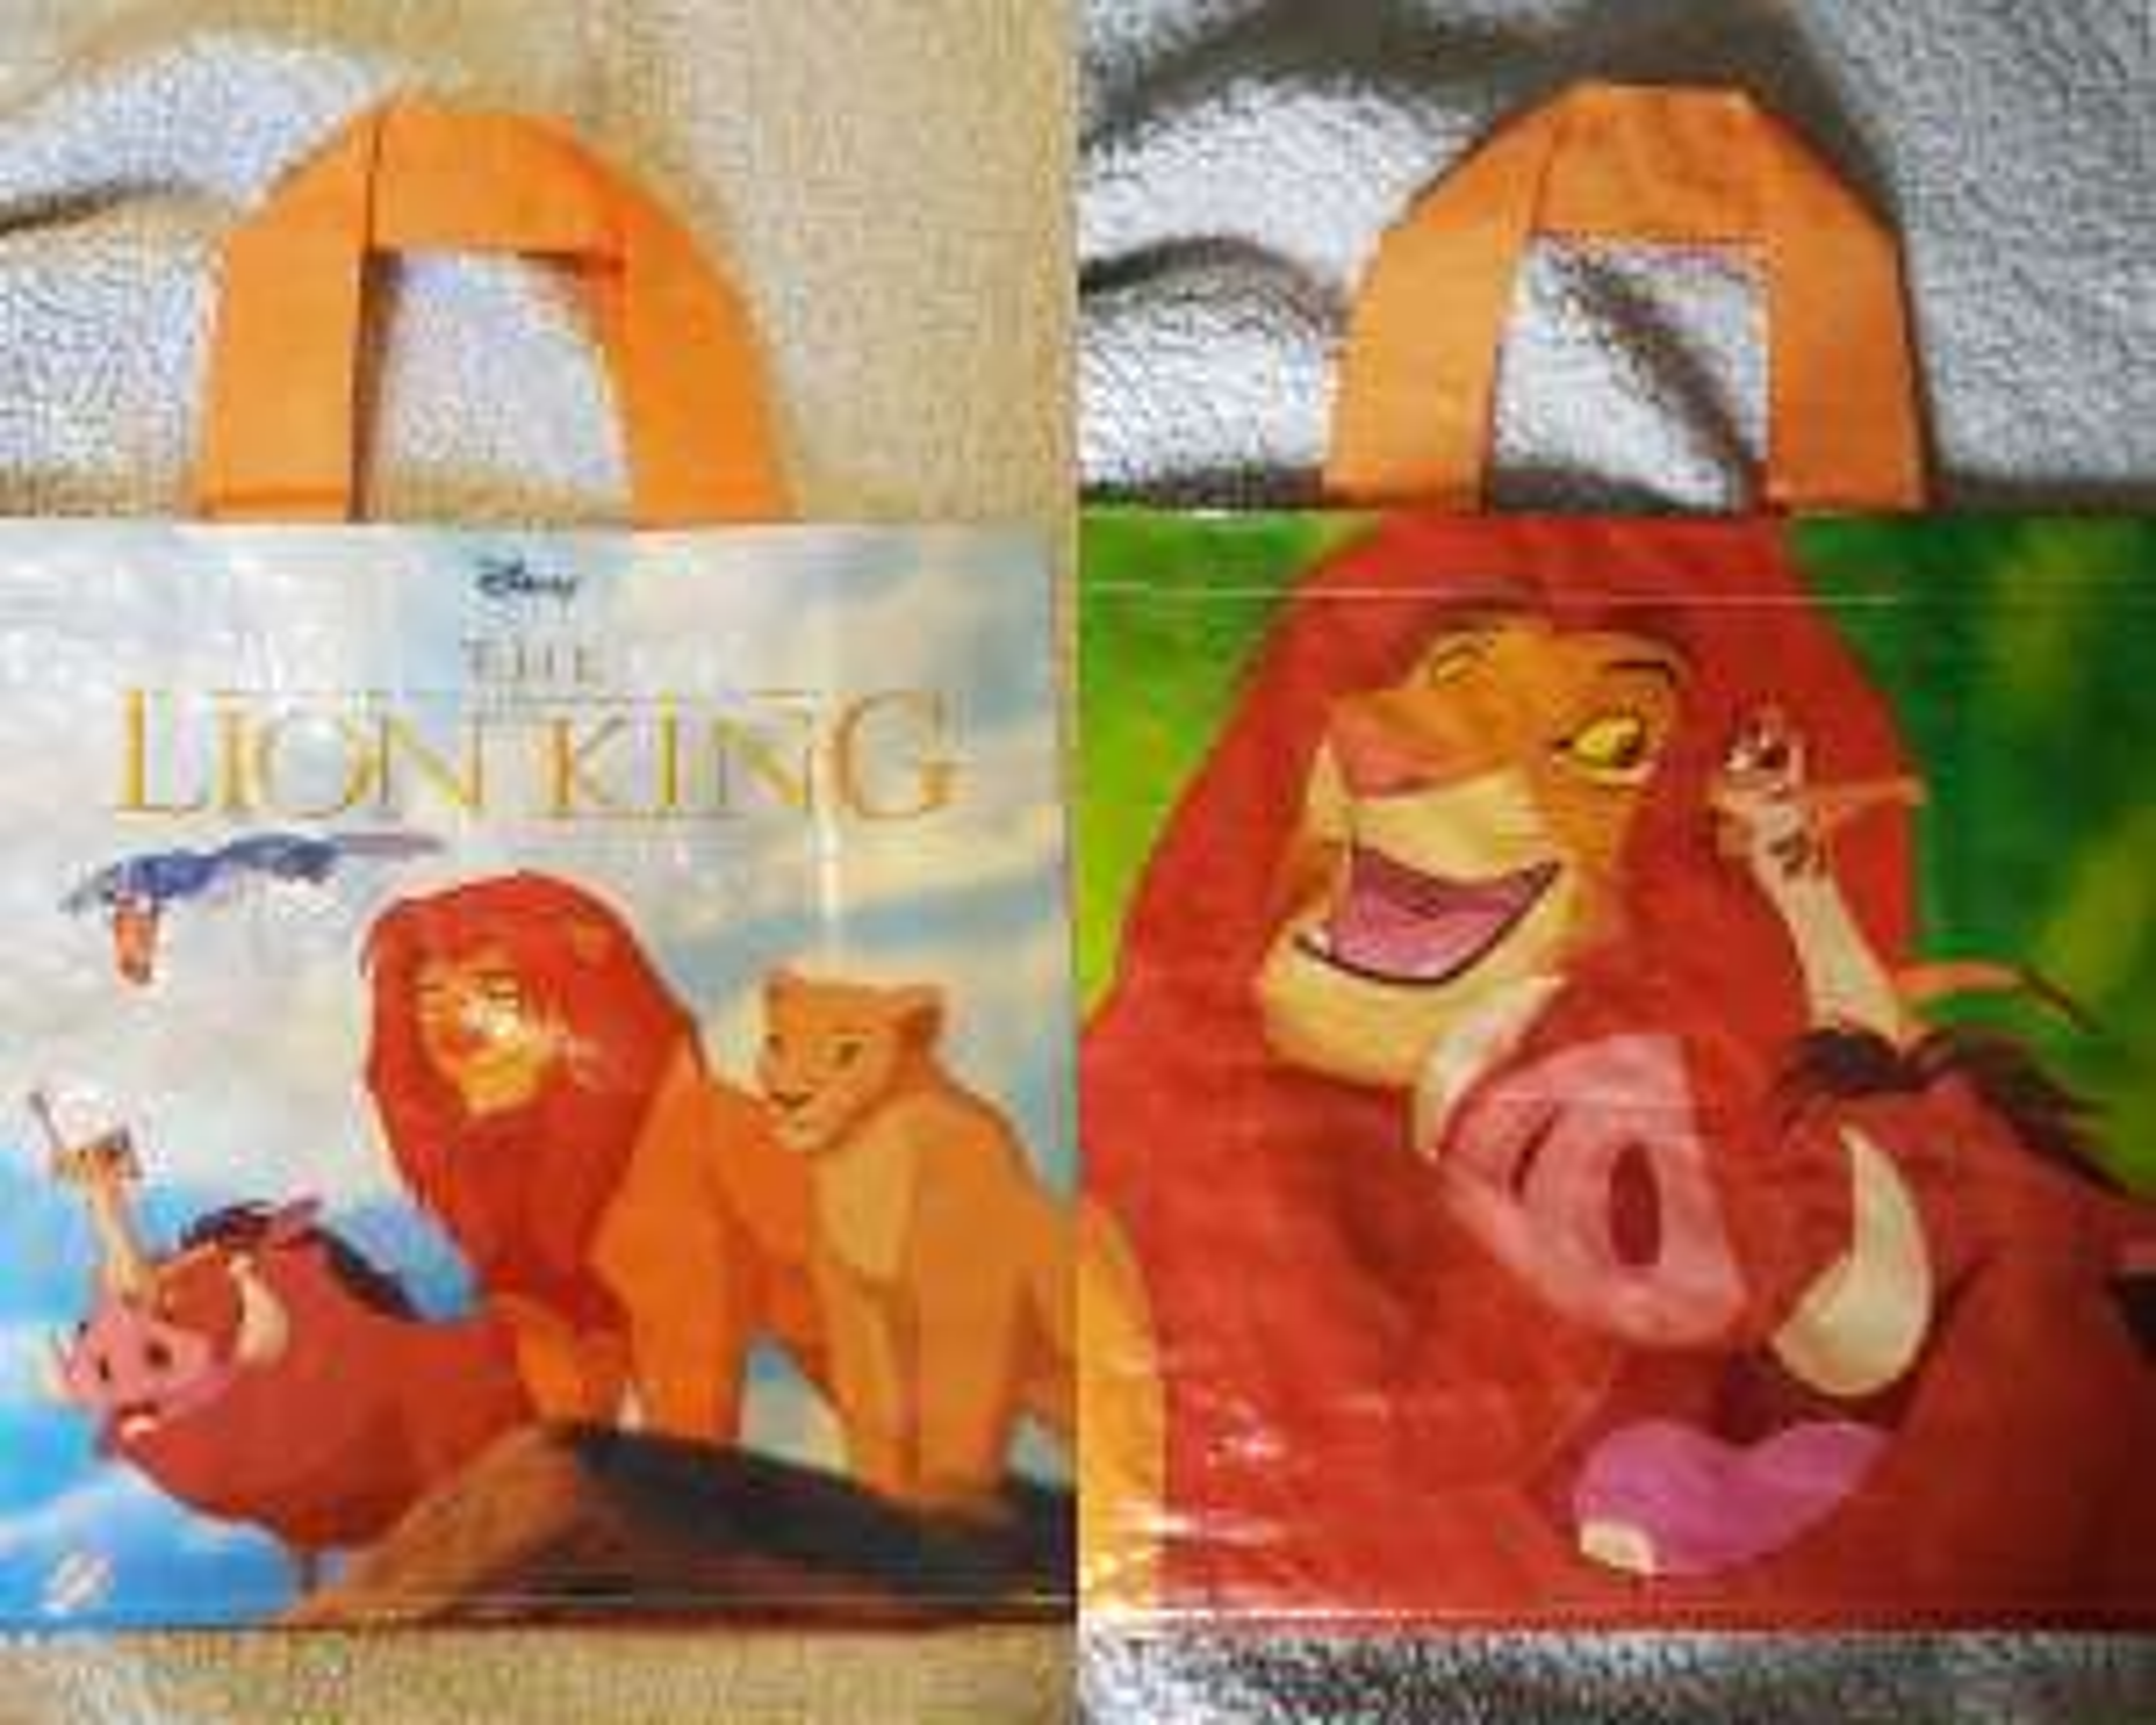 NEW Tesco Disney Themed Bag - The Lion King - £1 instore